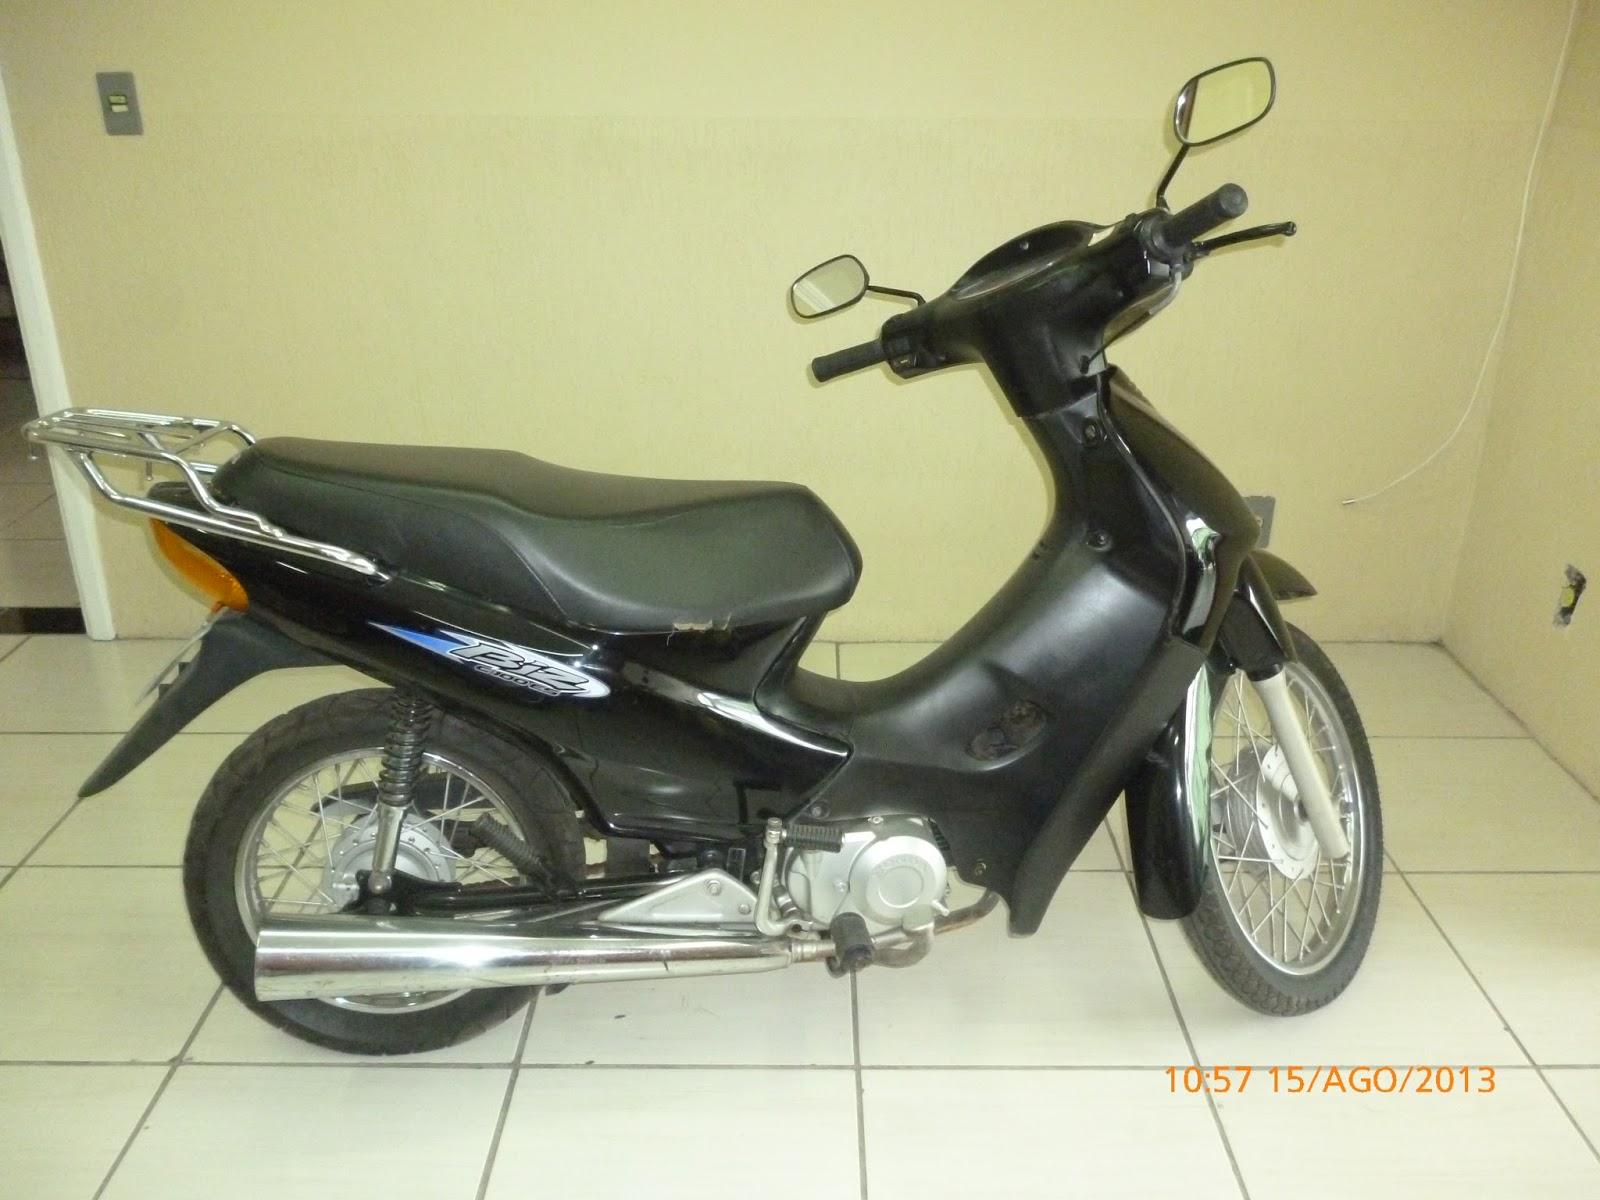 marquinhomotos revenda de motos novas e usadas em cachoeirinha